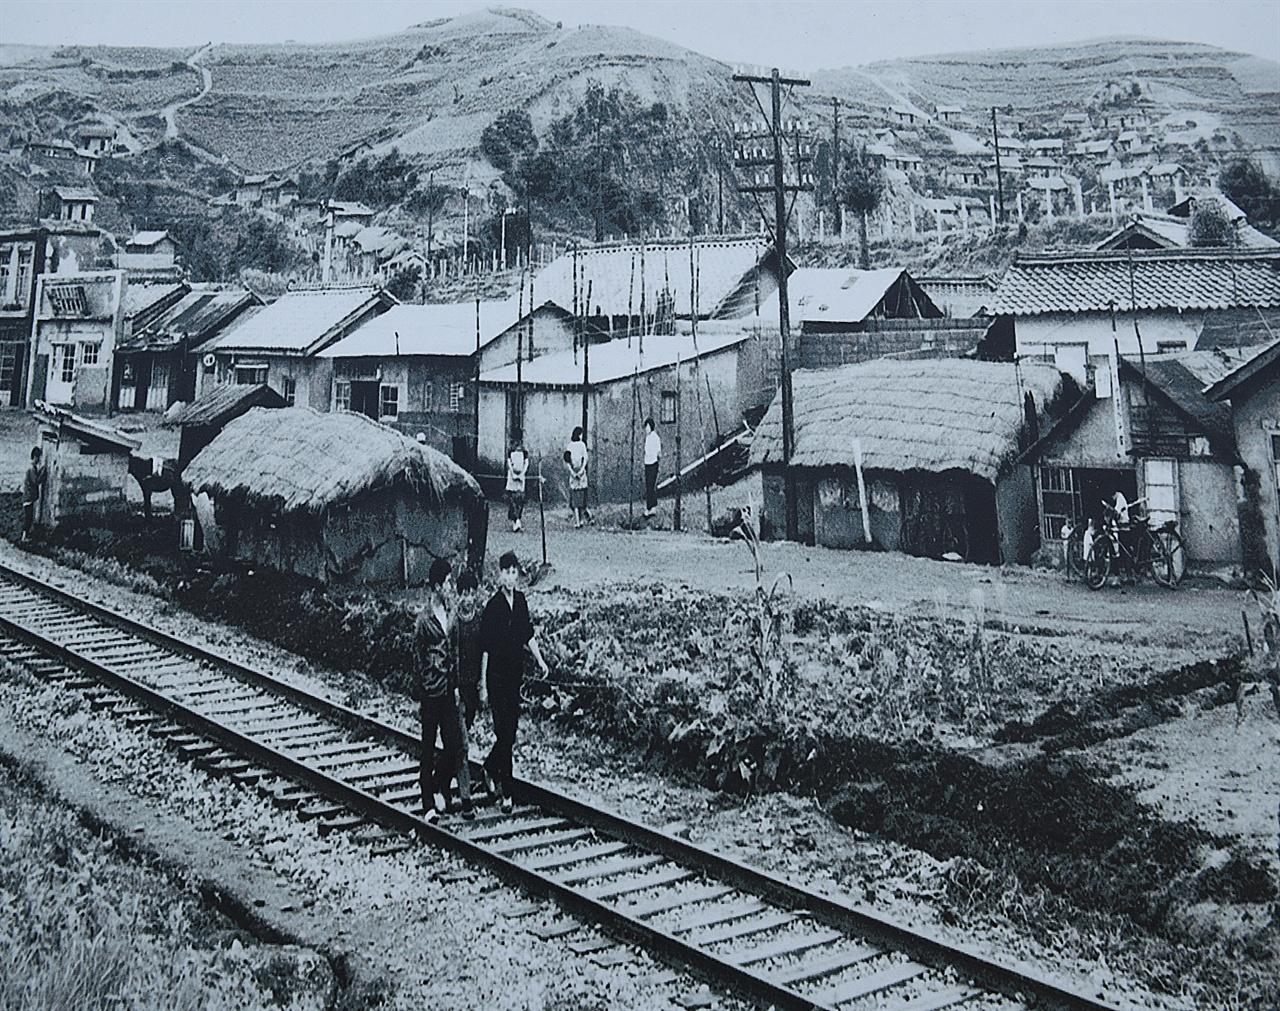 1960년대의 묵호항  영동 태백선 철길과 묵호항, 그리고 뒤편 언덕 마을이 보인다. '바람의 언덕' 올라가는 길 벽면에 있는 자료사진을 촬영한 것이다.